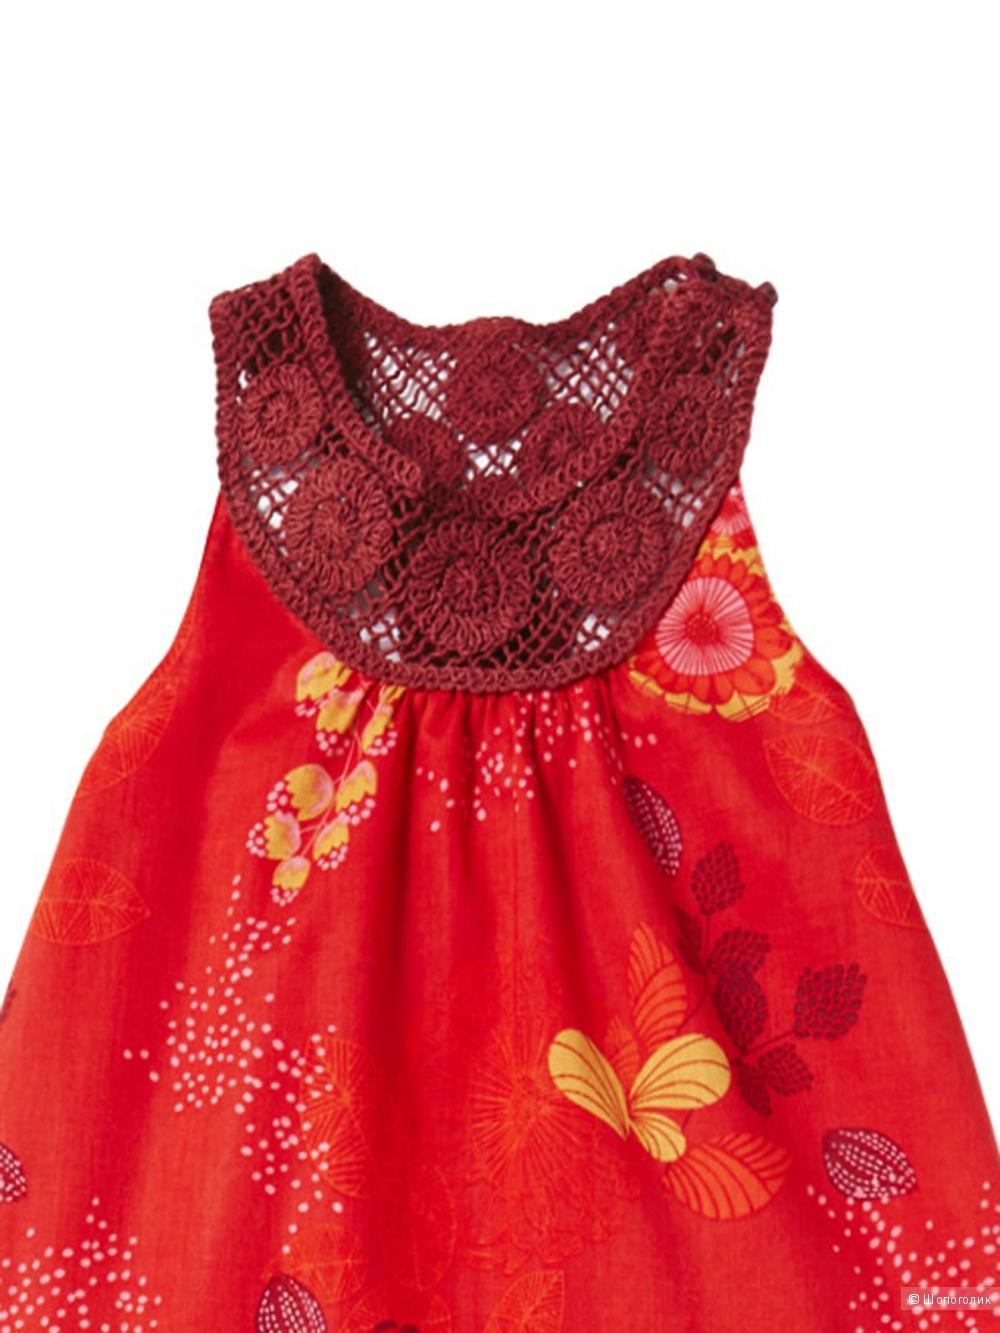 Платье-сарафан Verbaudet, маркировка 4 года